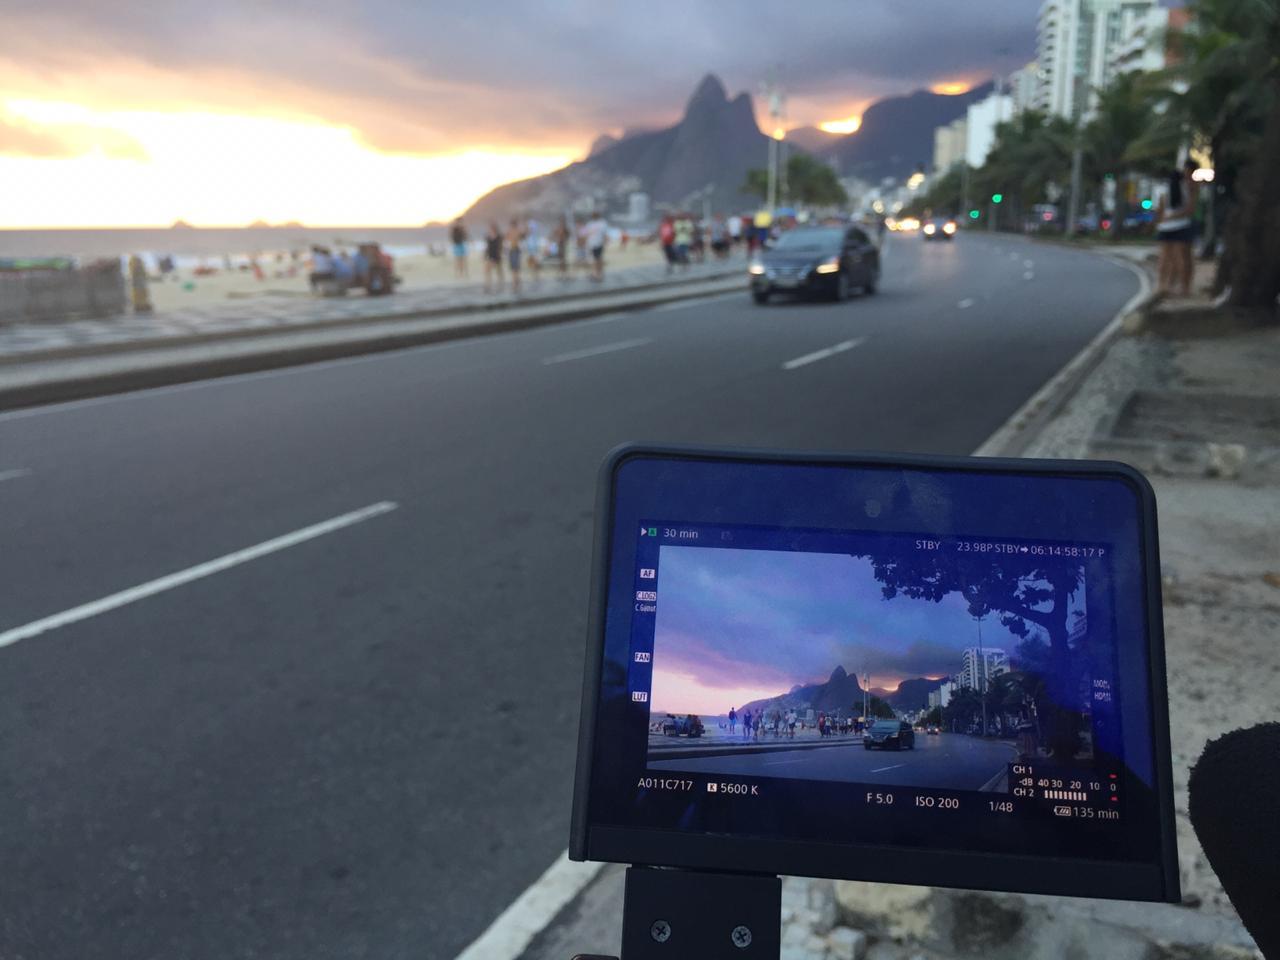 Shooting in Ipanema, Rio de Janeiro.